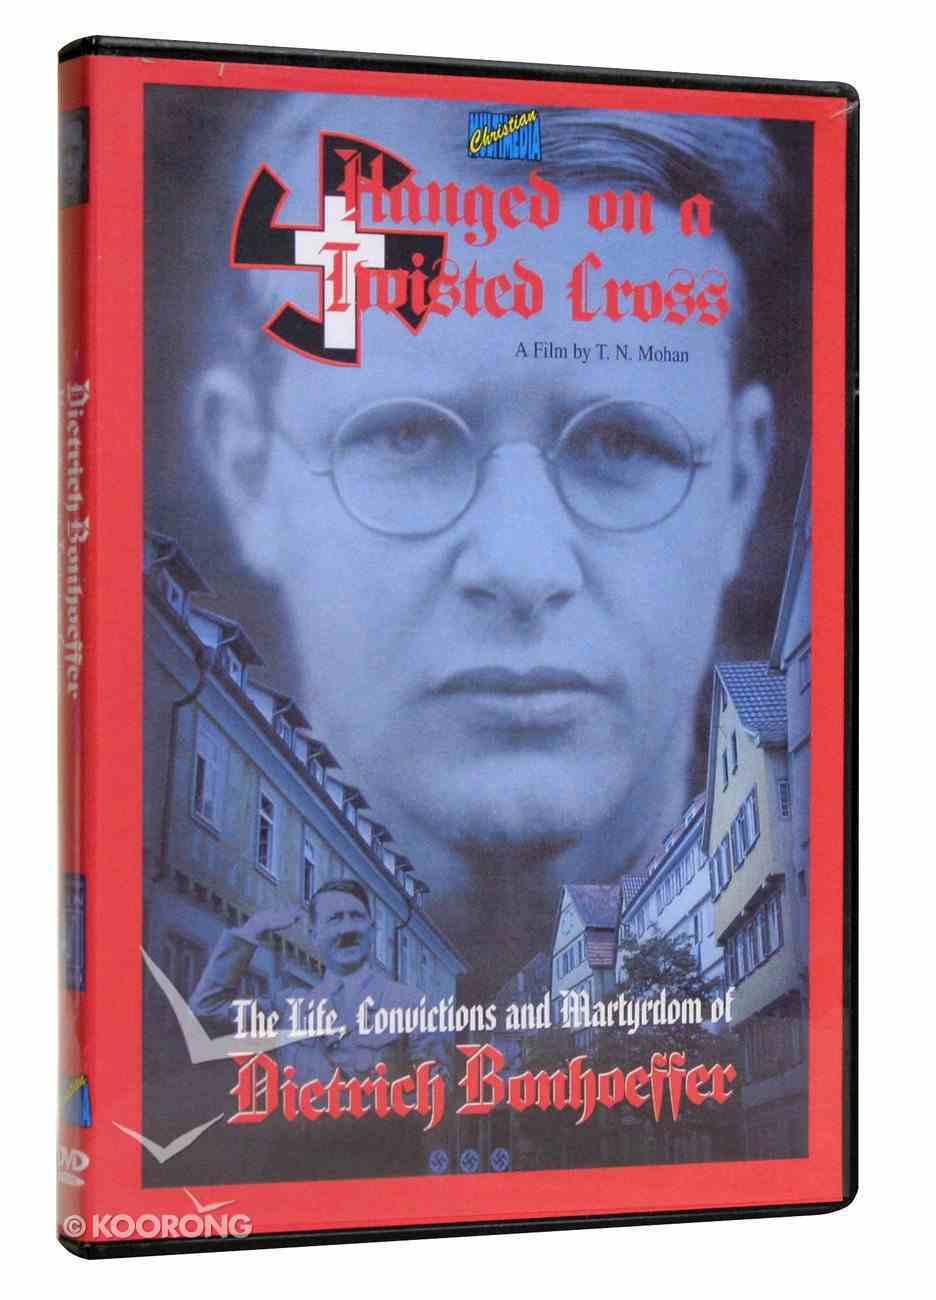 Bonhoeffer: Hanged on a Twisted Cross DVD